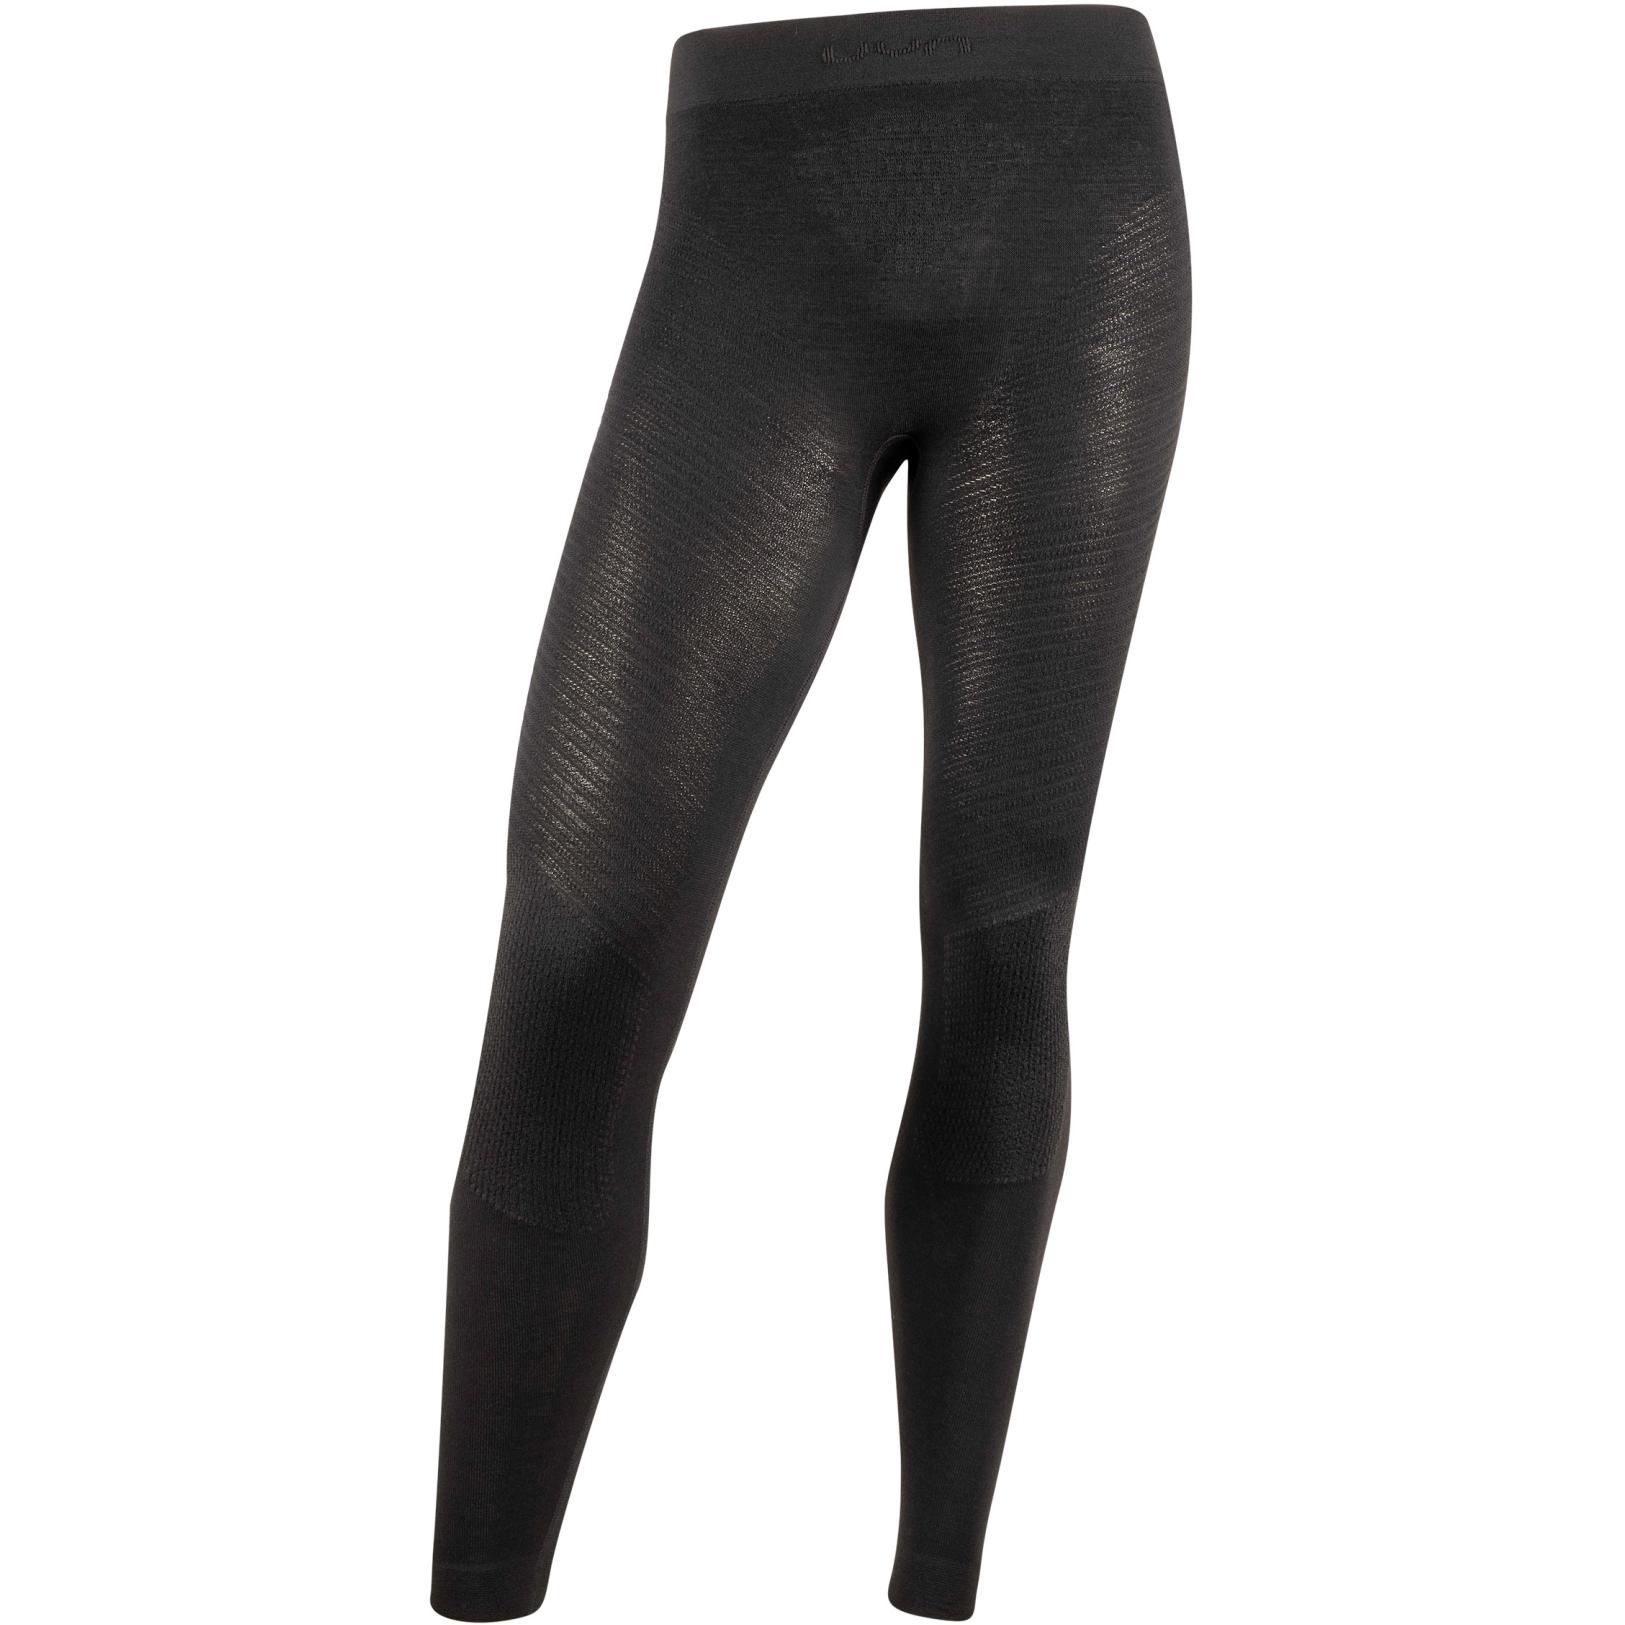 UYN Fusyon Man Cashmere Underwear Pants Long - Black/Black